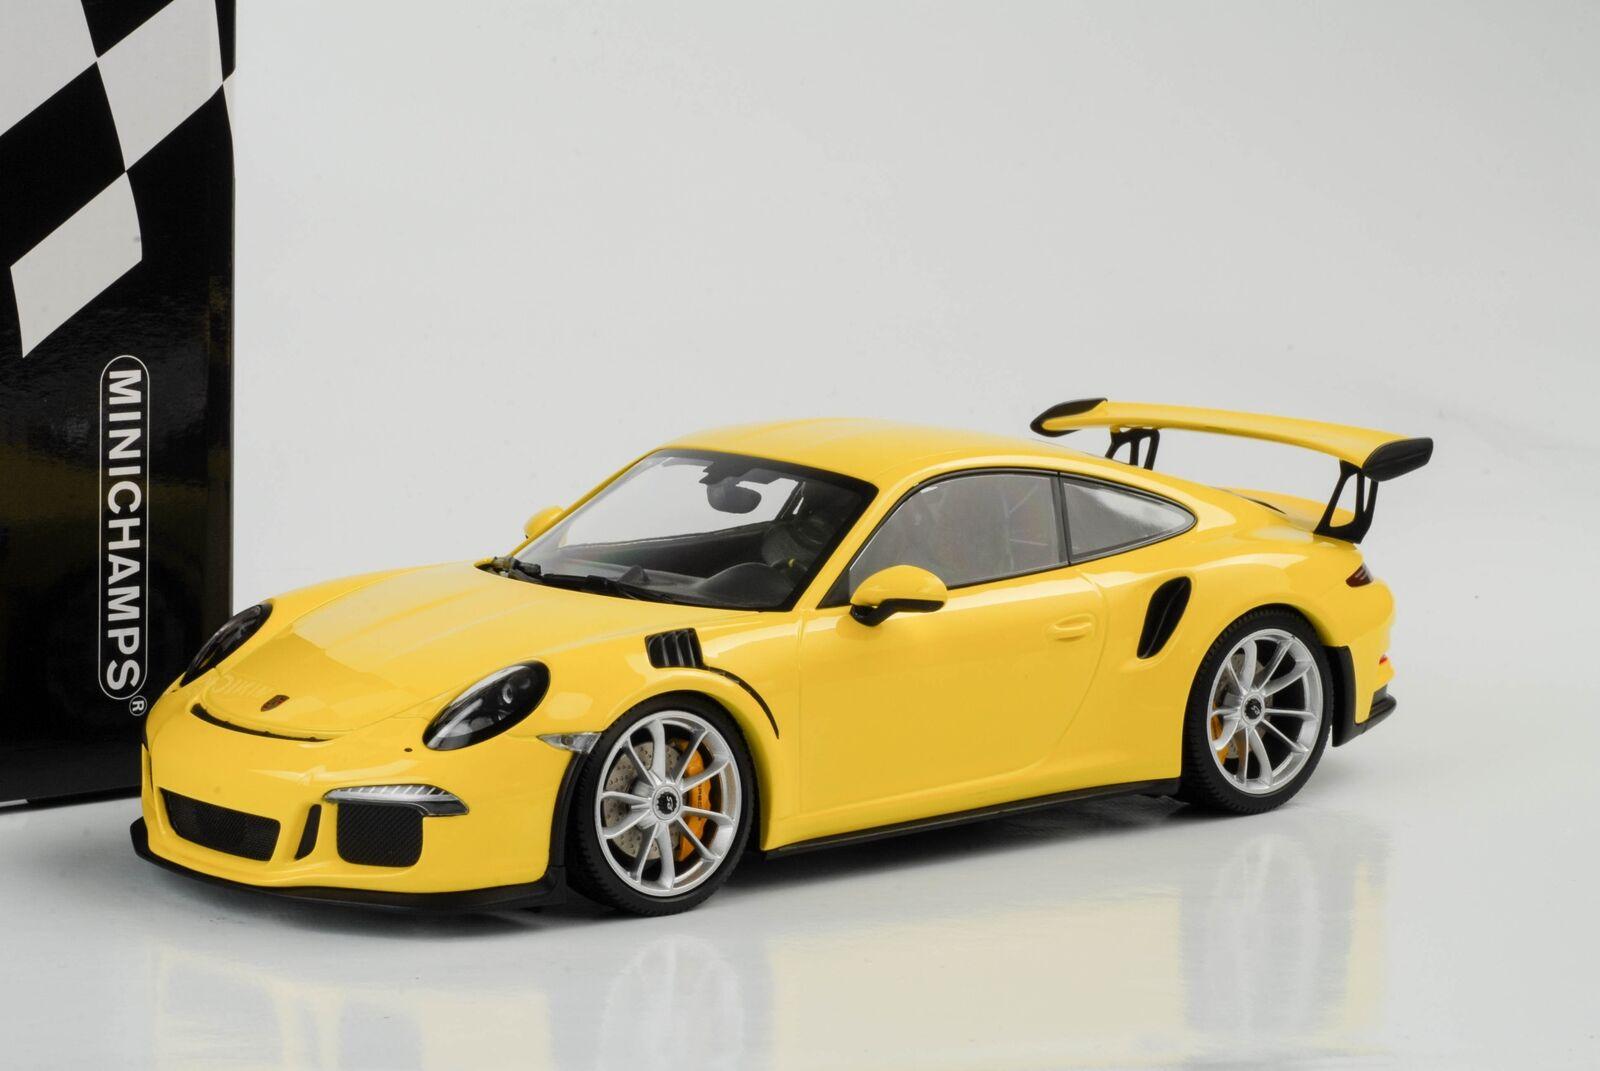 en stock 2015 2015 2015 Porsche 911 991 gt3 RS amarillo sin letras cheers 1 18 Minichamps DIECAST  Hay más marcas de productos de alta calidad.